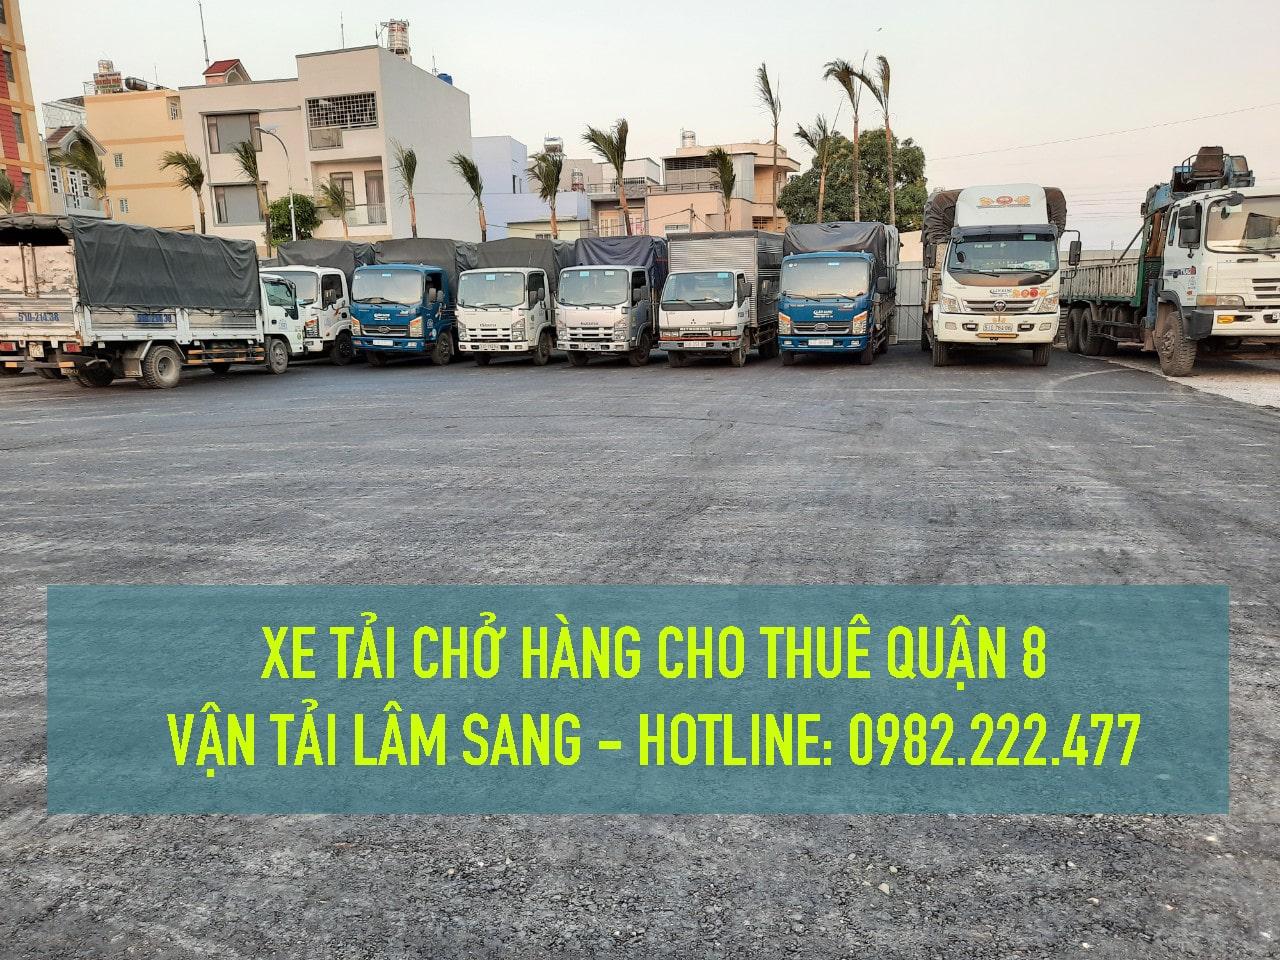 Cho thuê xe tải nhỏ chở hàng giá rẻ tại Quận 8 - Cty vận tải Lâm Sang